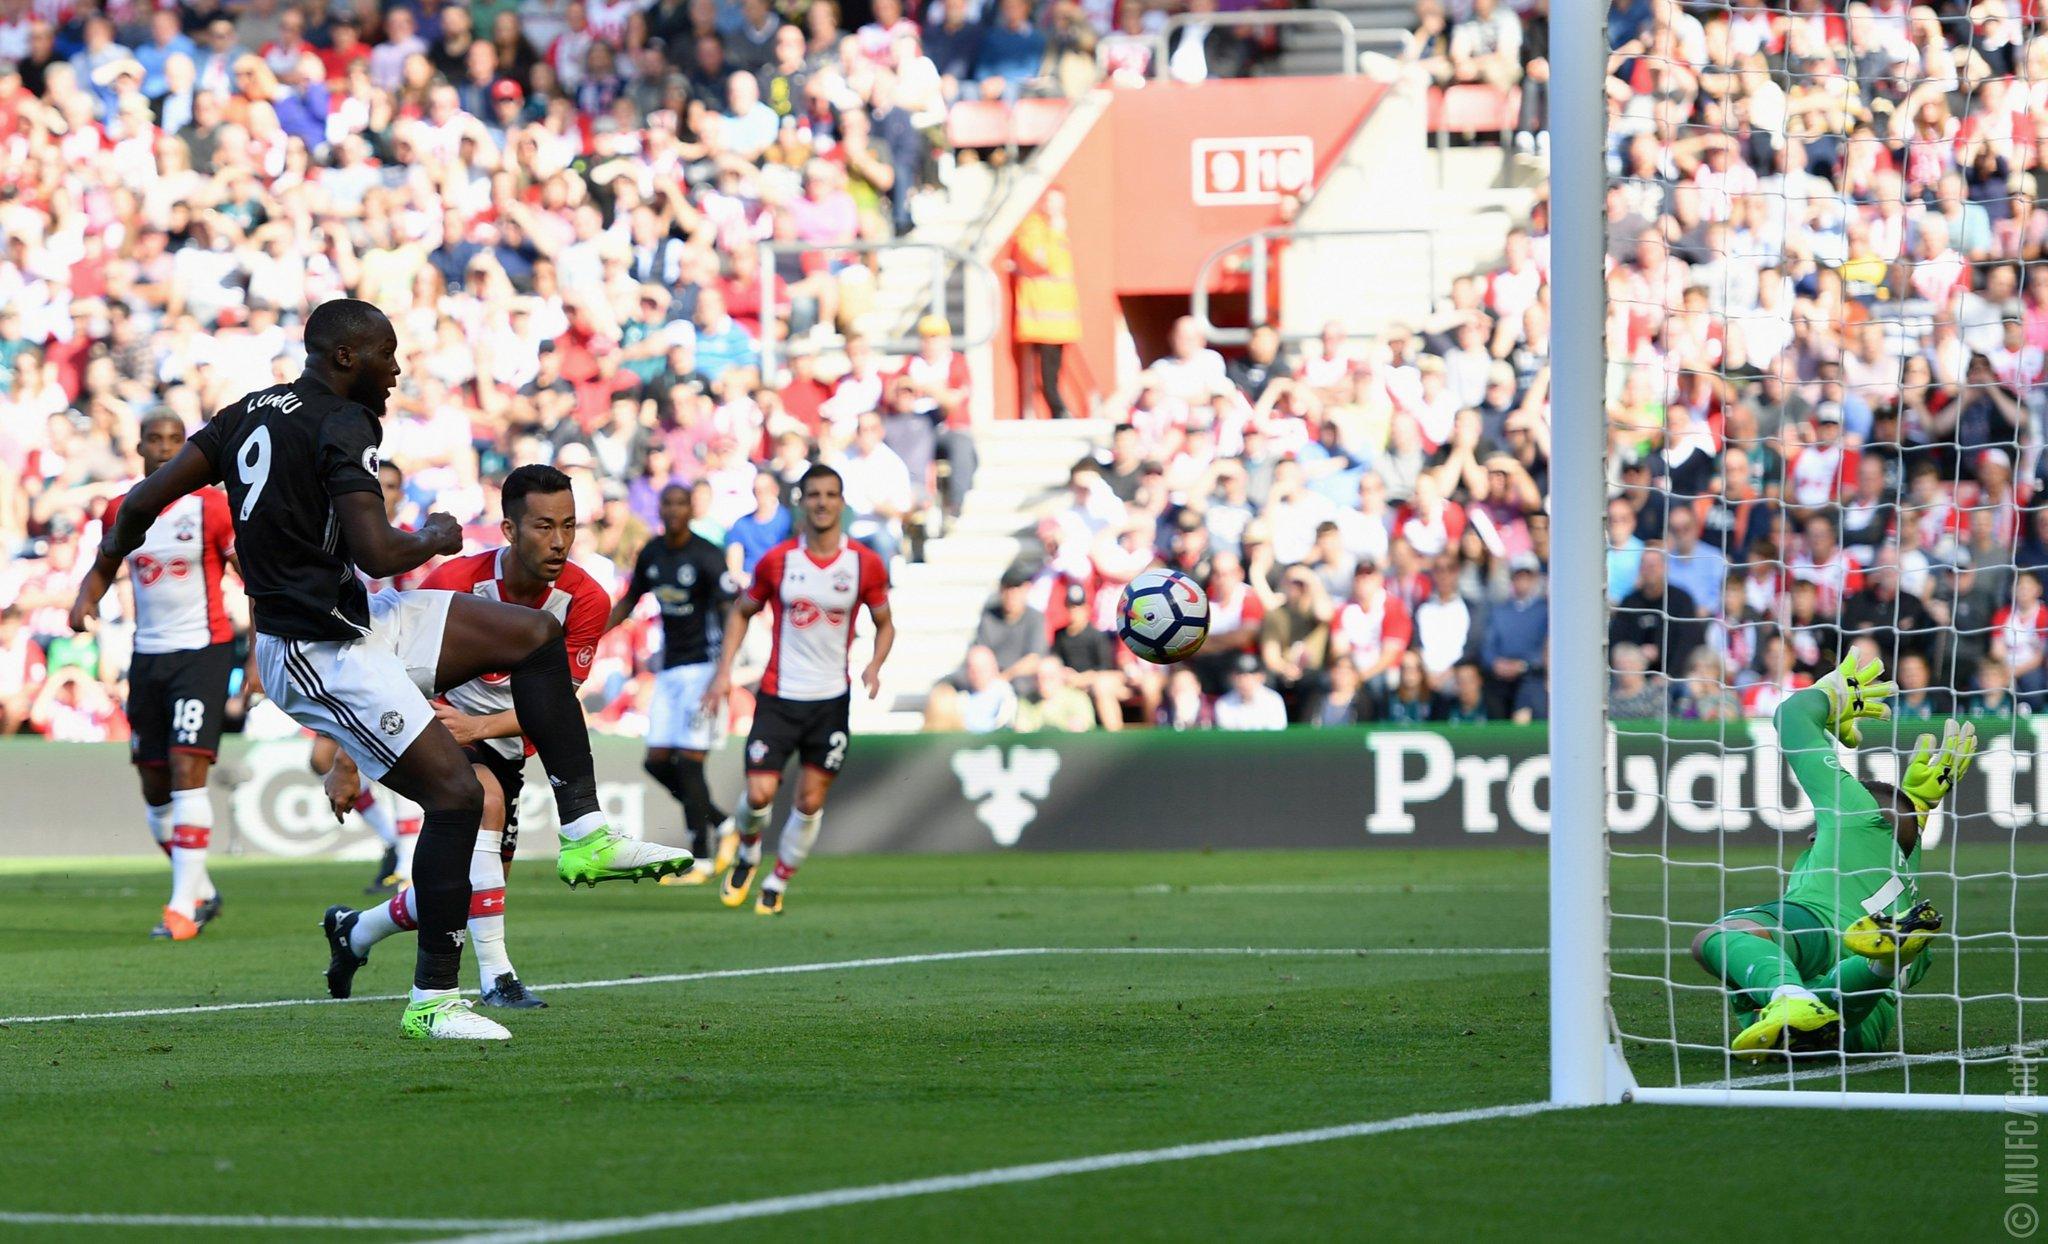 8⃣ #MUFC games 8⃣ goals for @RomeluLukaku9  ������ https://t.co/vZ6P6Z1A76